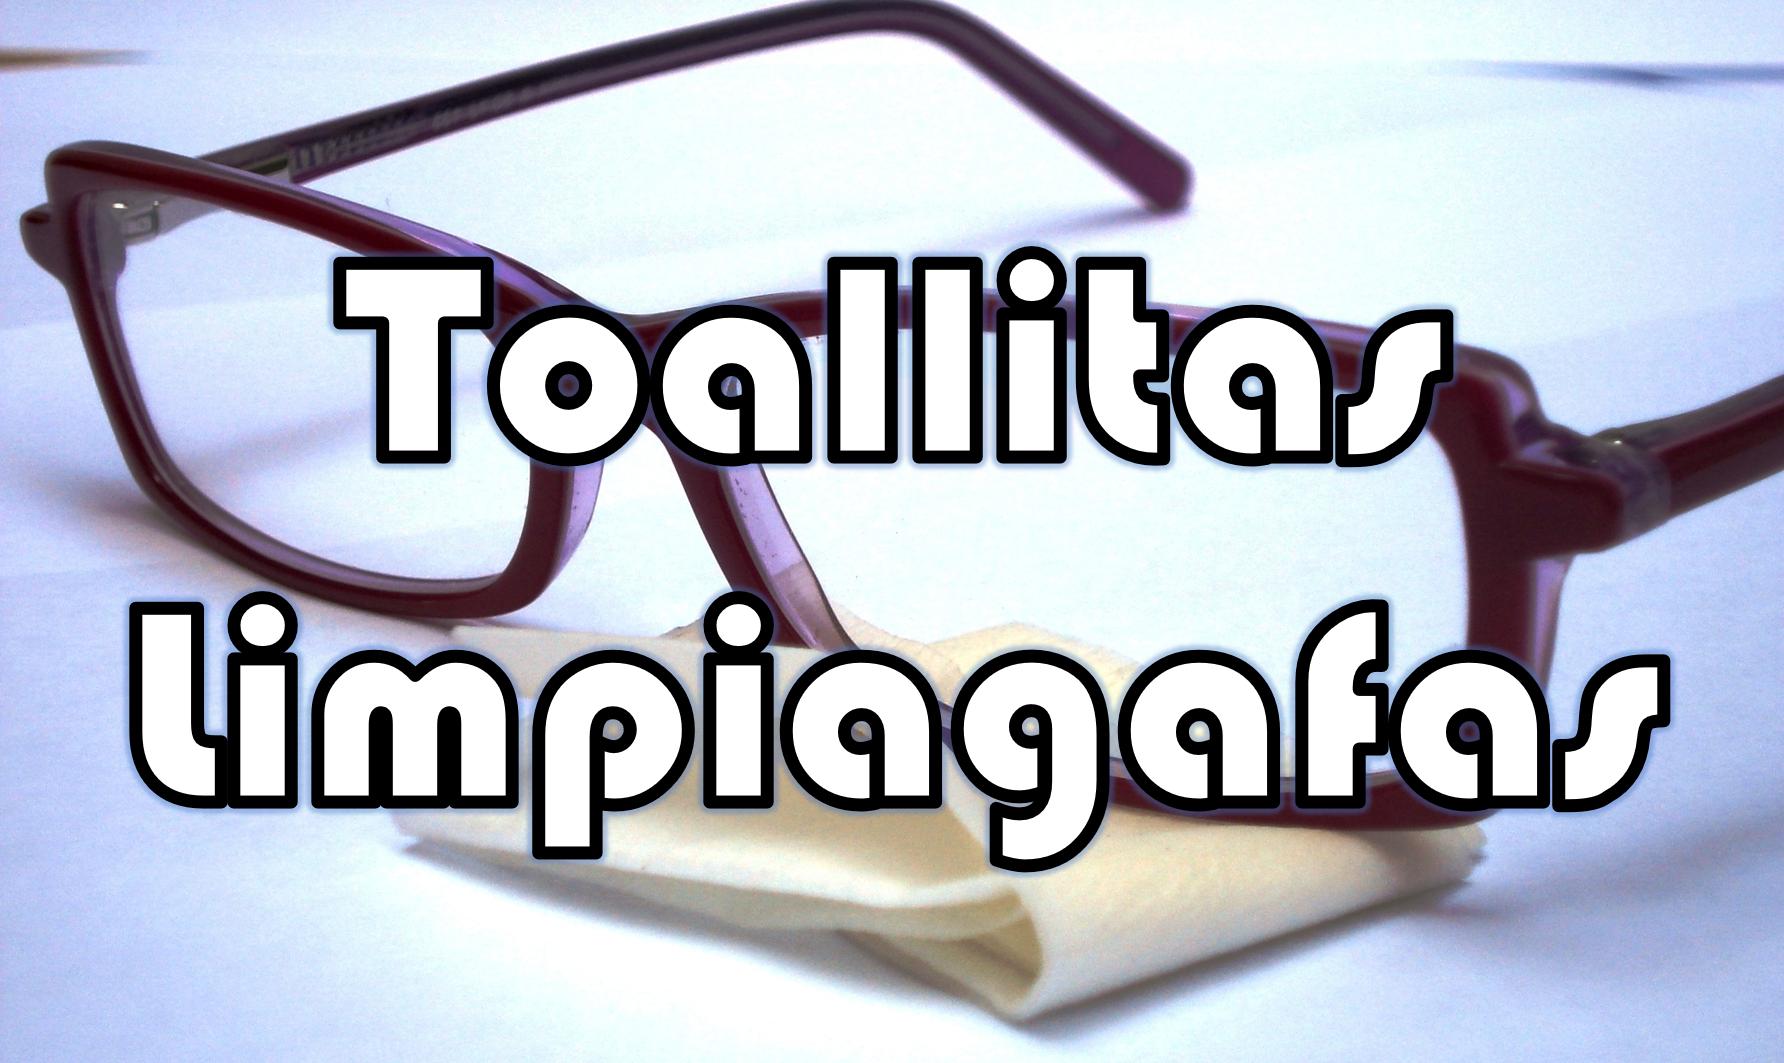 gafas y toallitas limpiagafas